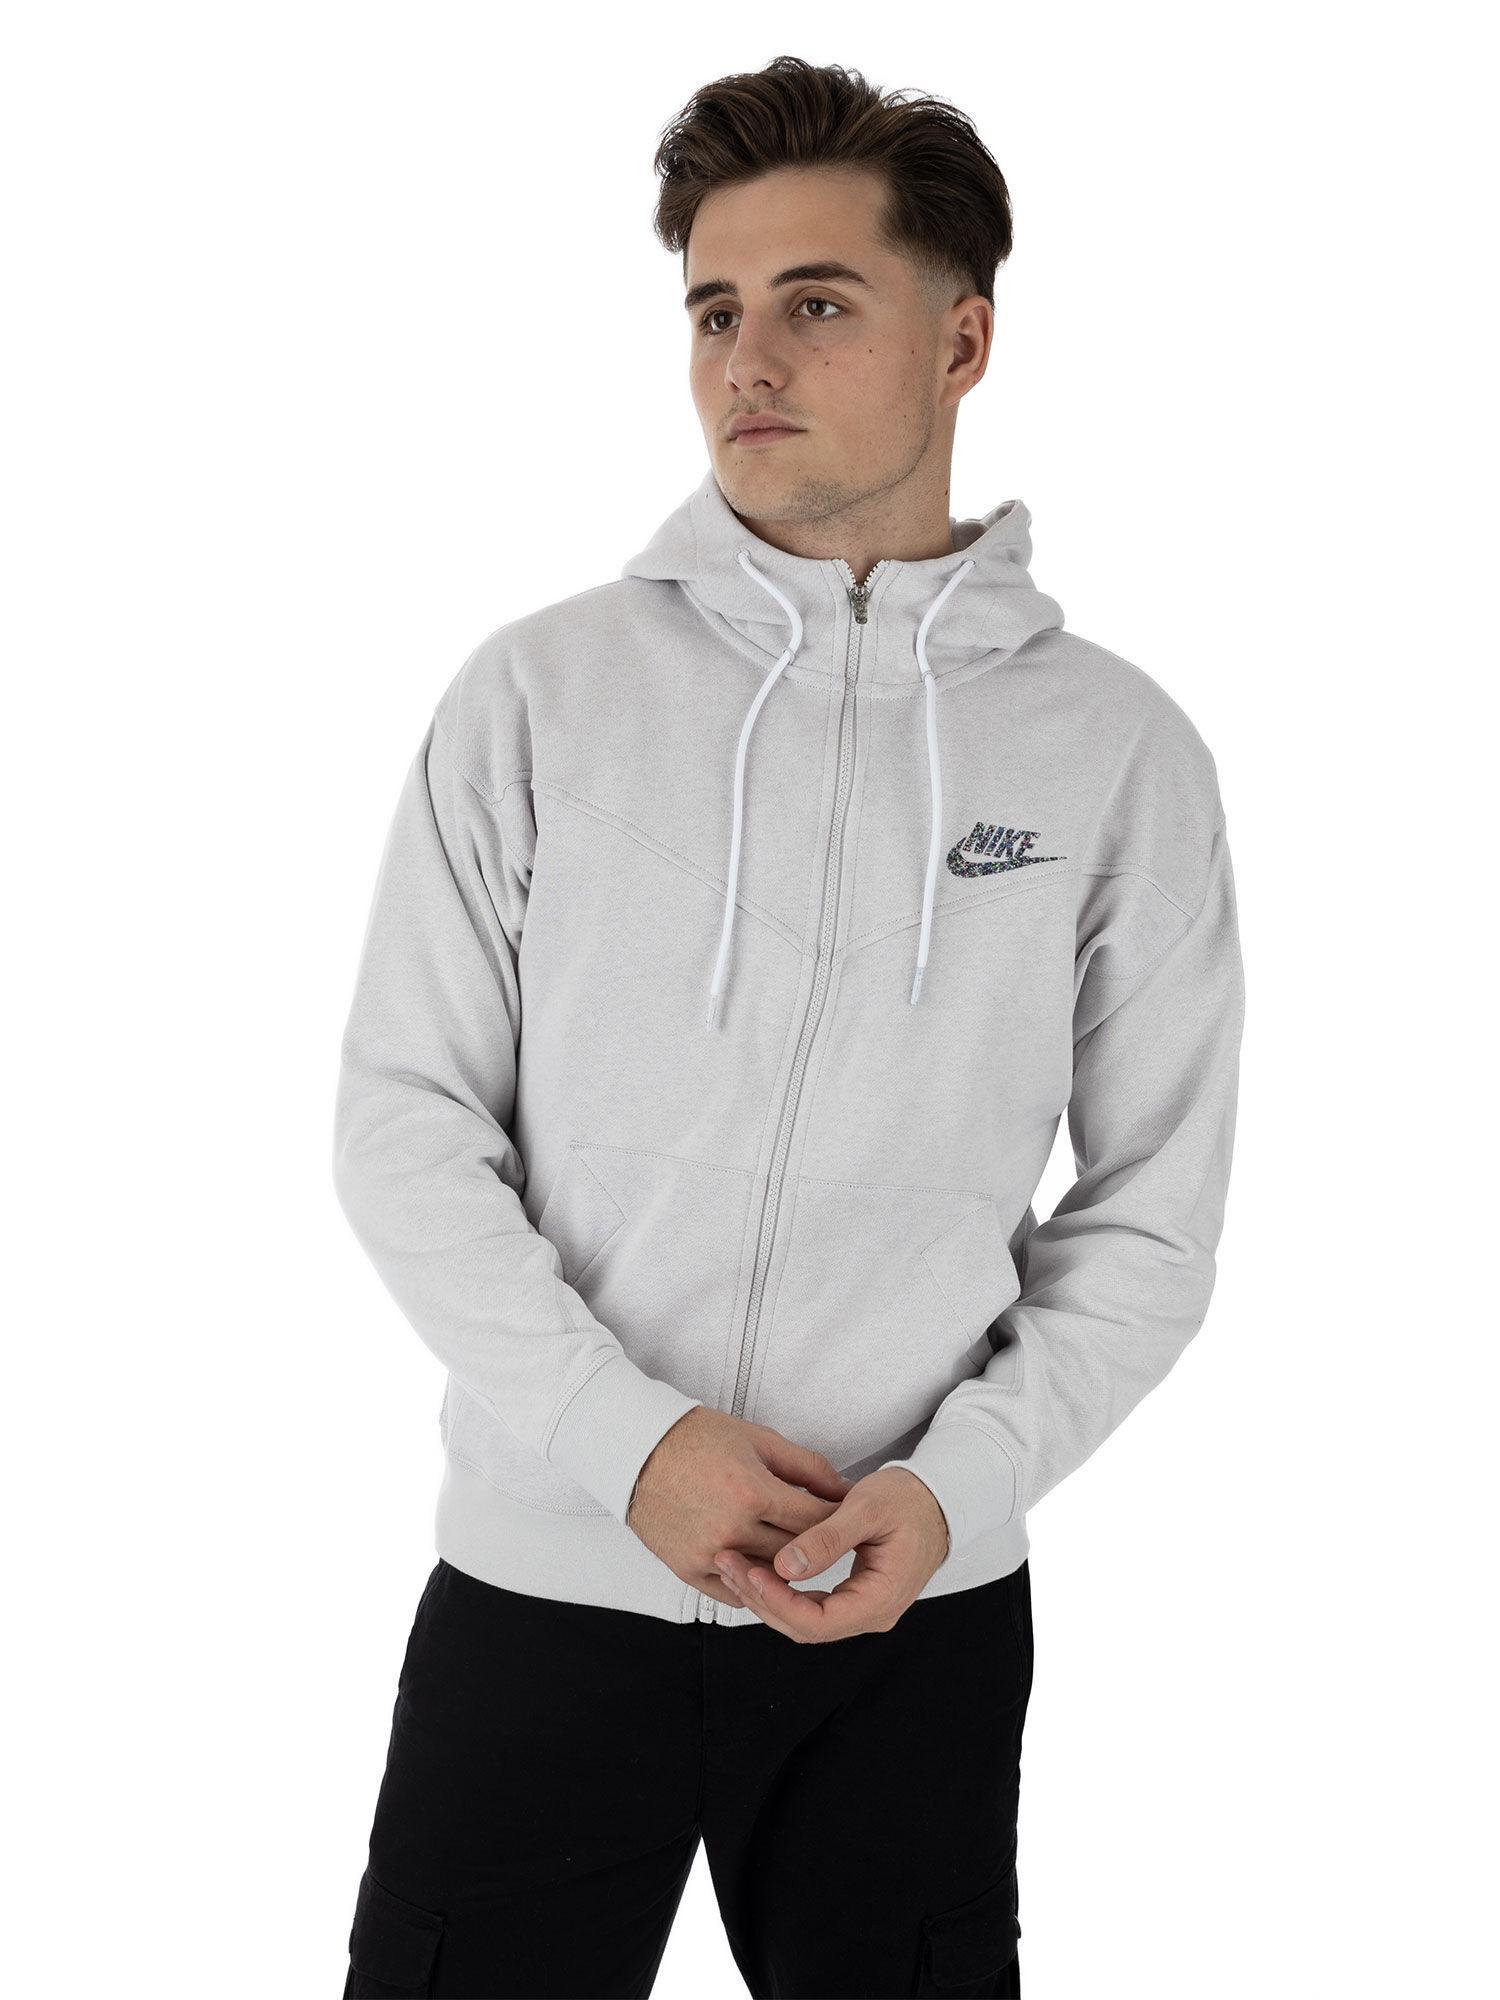 Nike sweat zippé à capuche, taille L, homme, gris